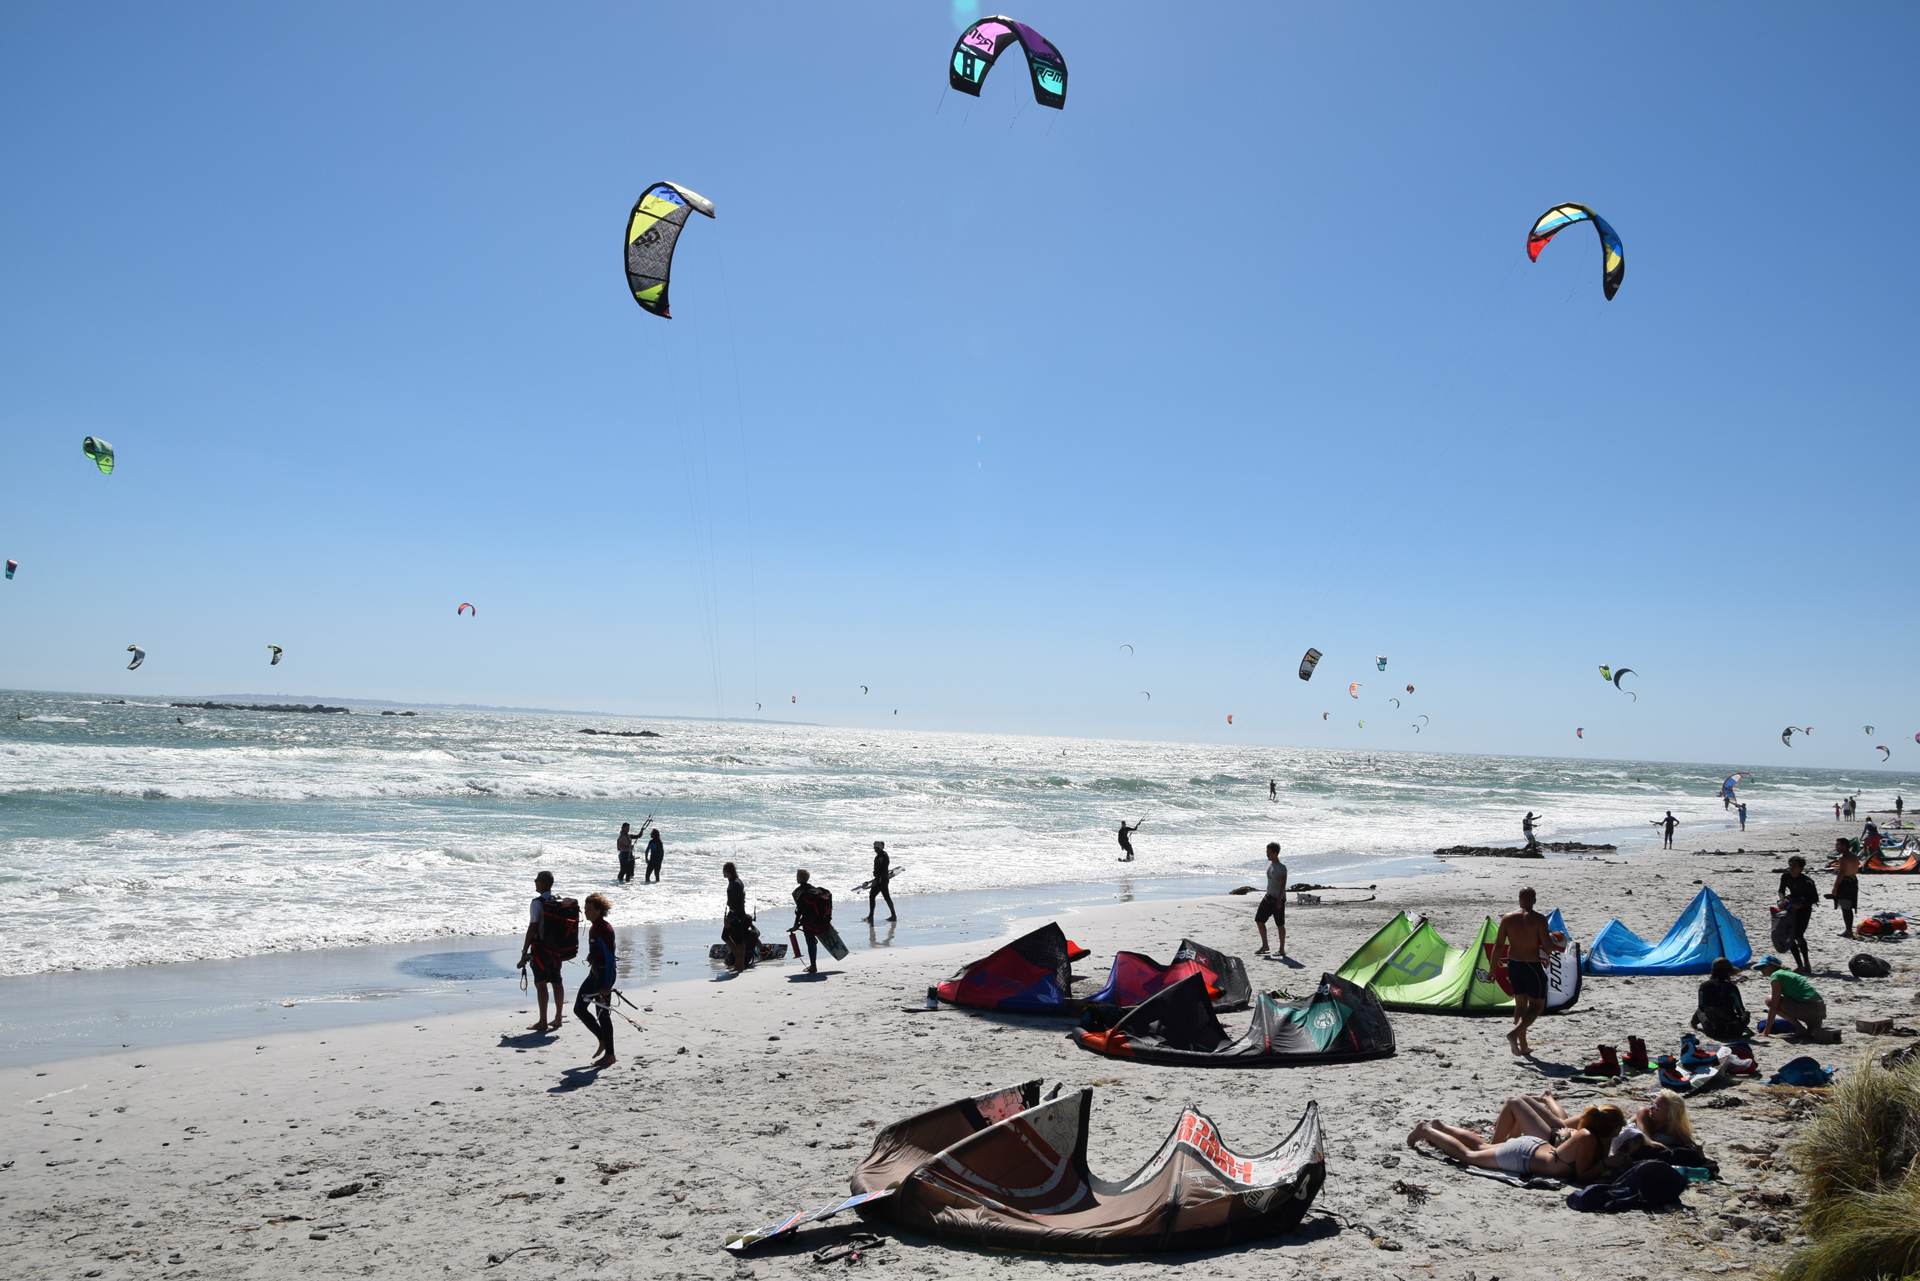 blouberg-kitesurfing-2